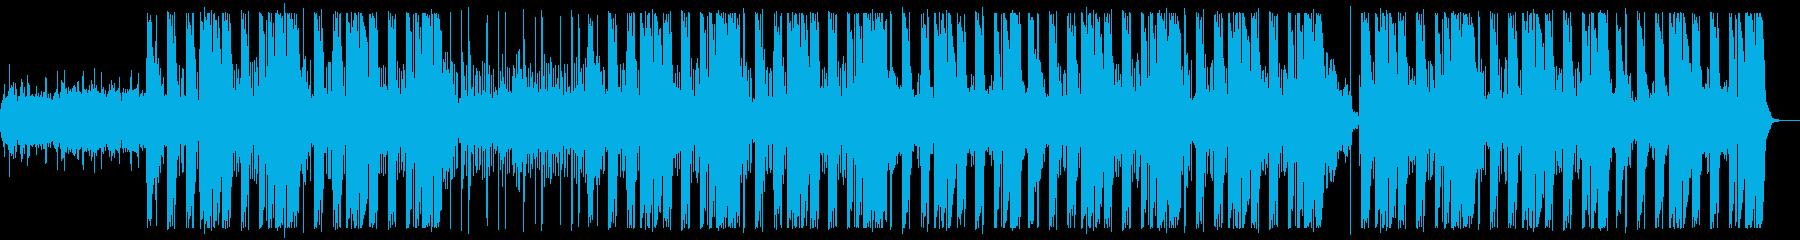 お洒落/アンダーグラウンド/Hiphopの再生済みの波形